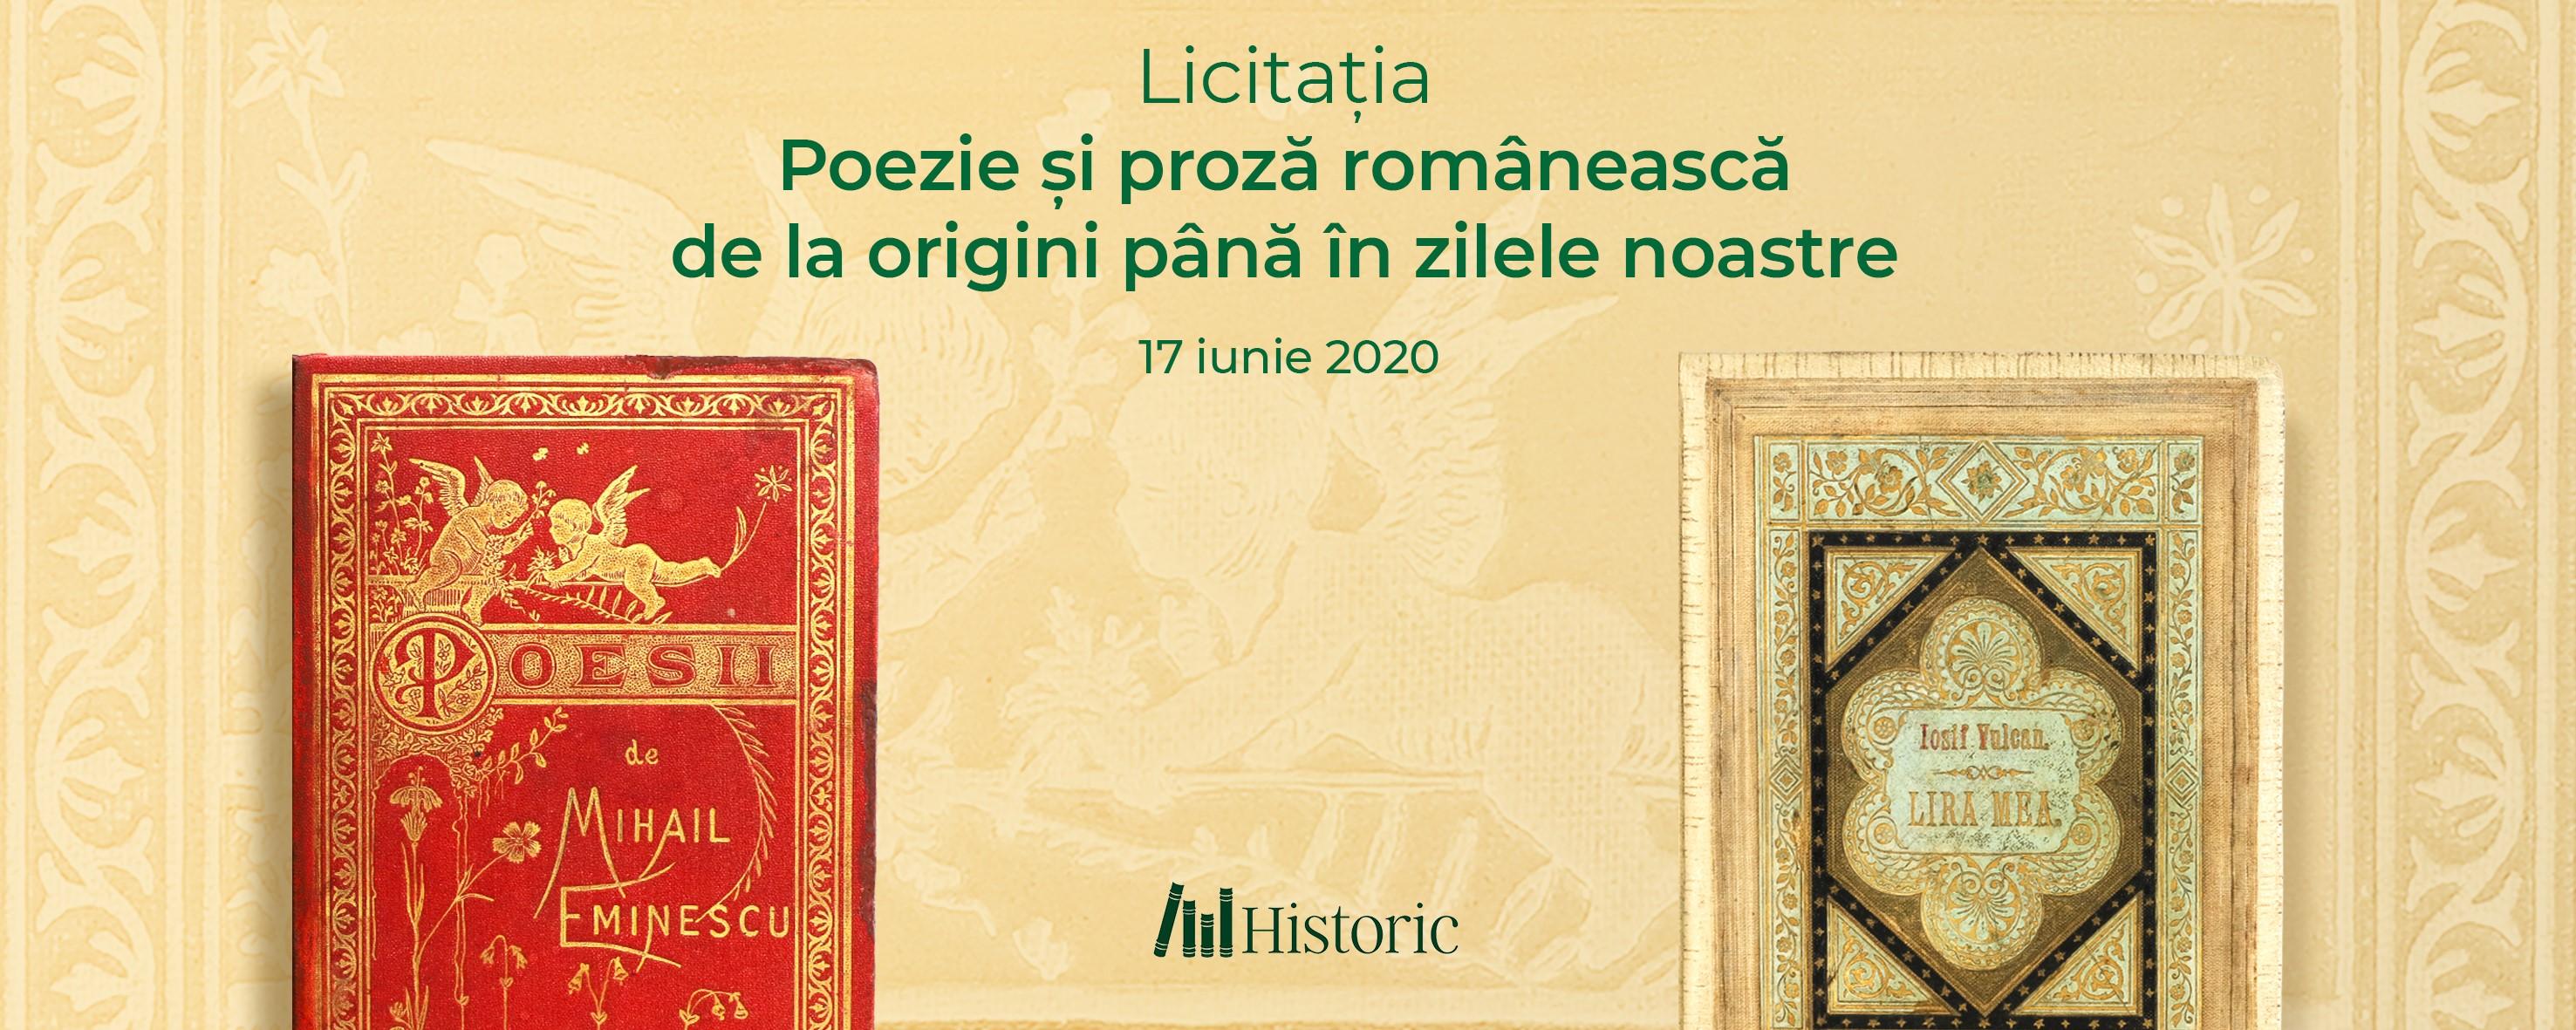 Licitatia poezie și proza românească de la începuturi pînă în zilele noastre.